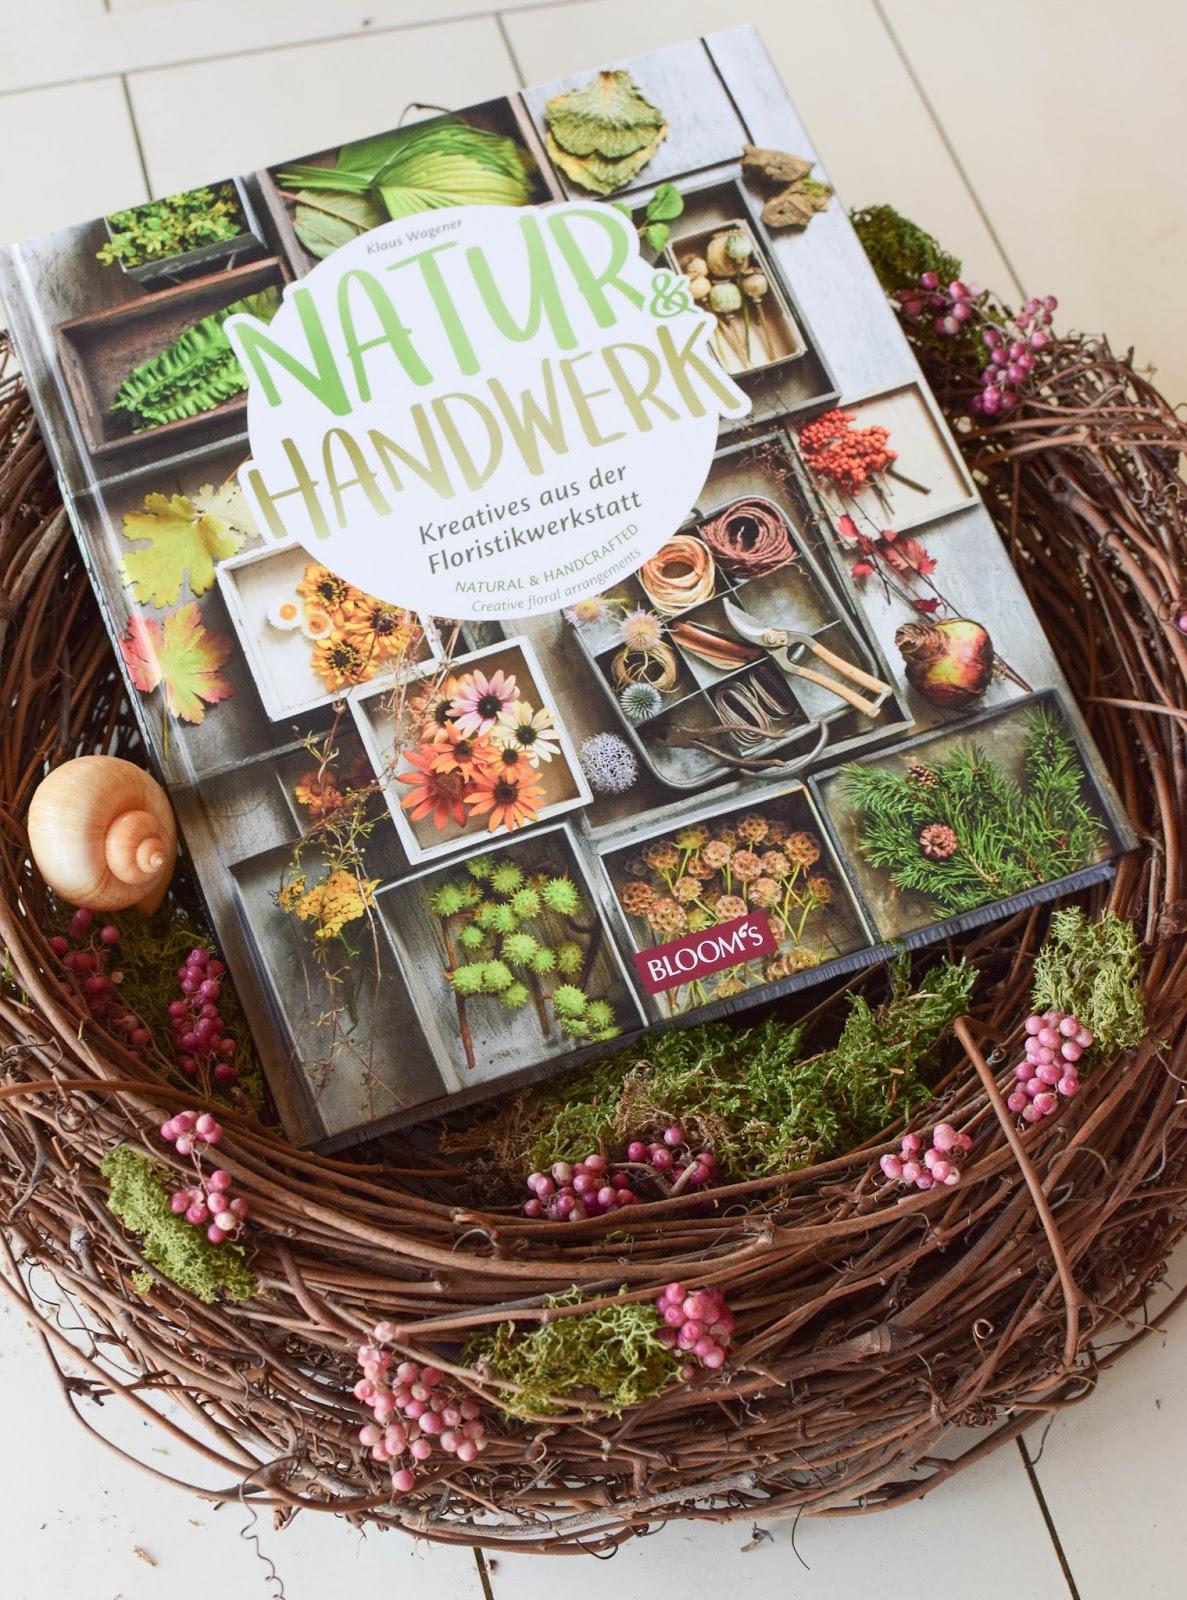 Mein Buch-Tipp für Kreative: Natur & Handwerk